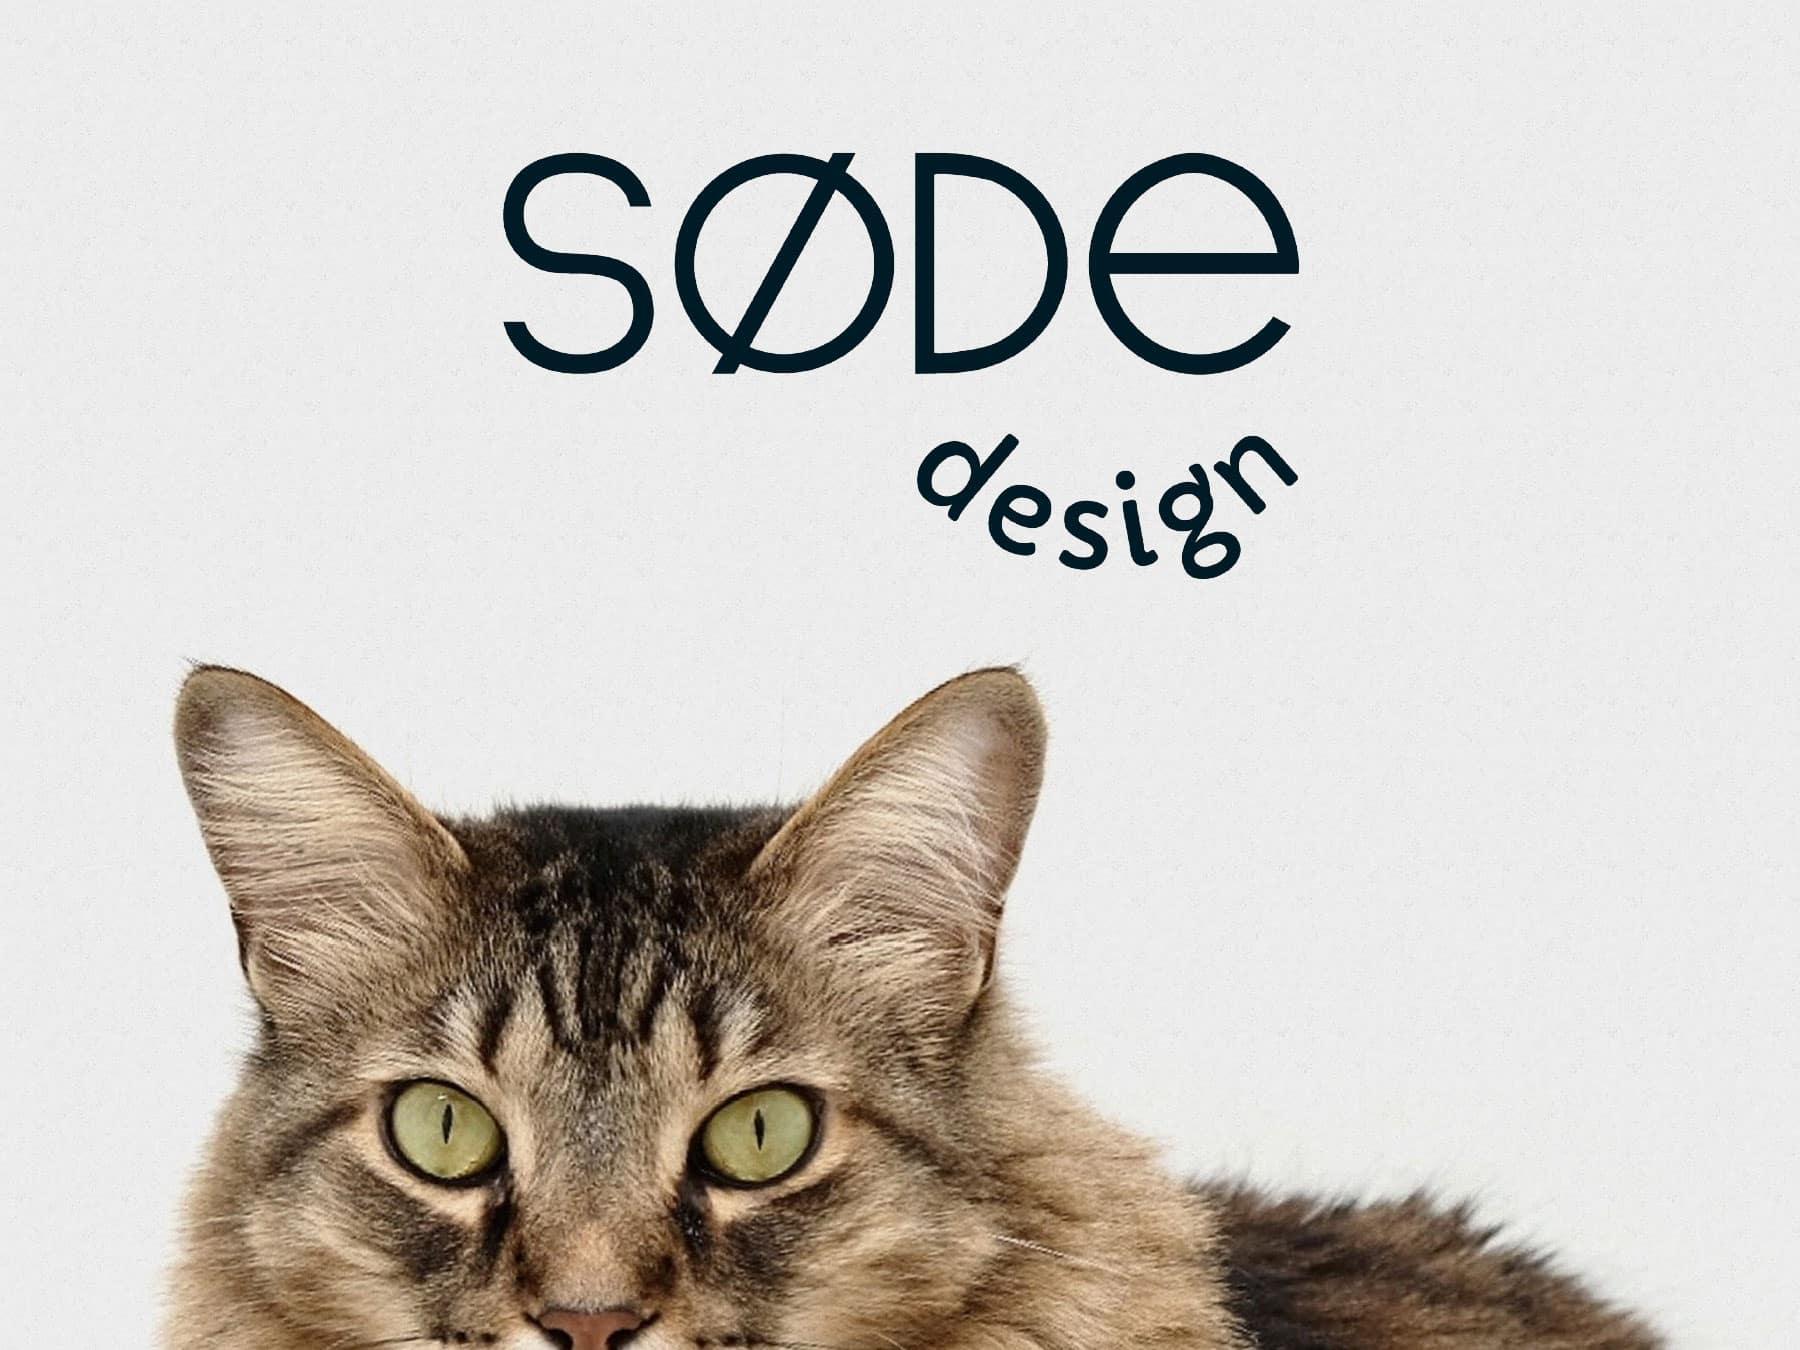 SØDE Design